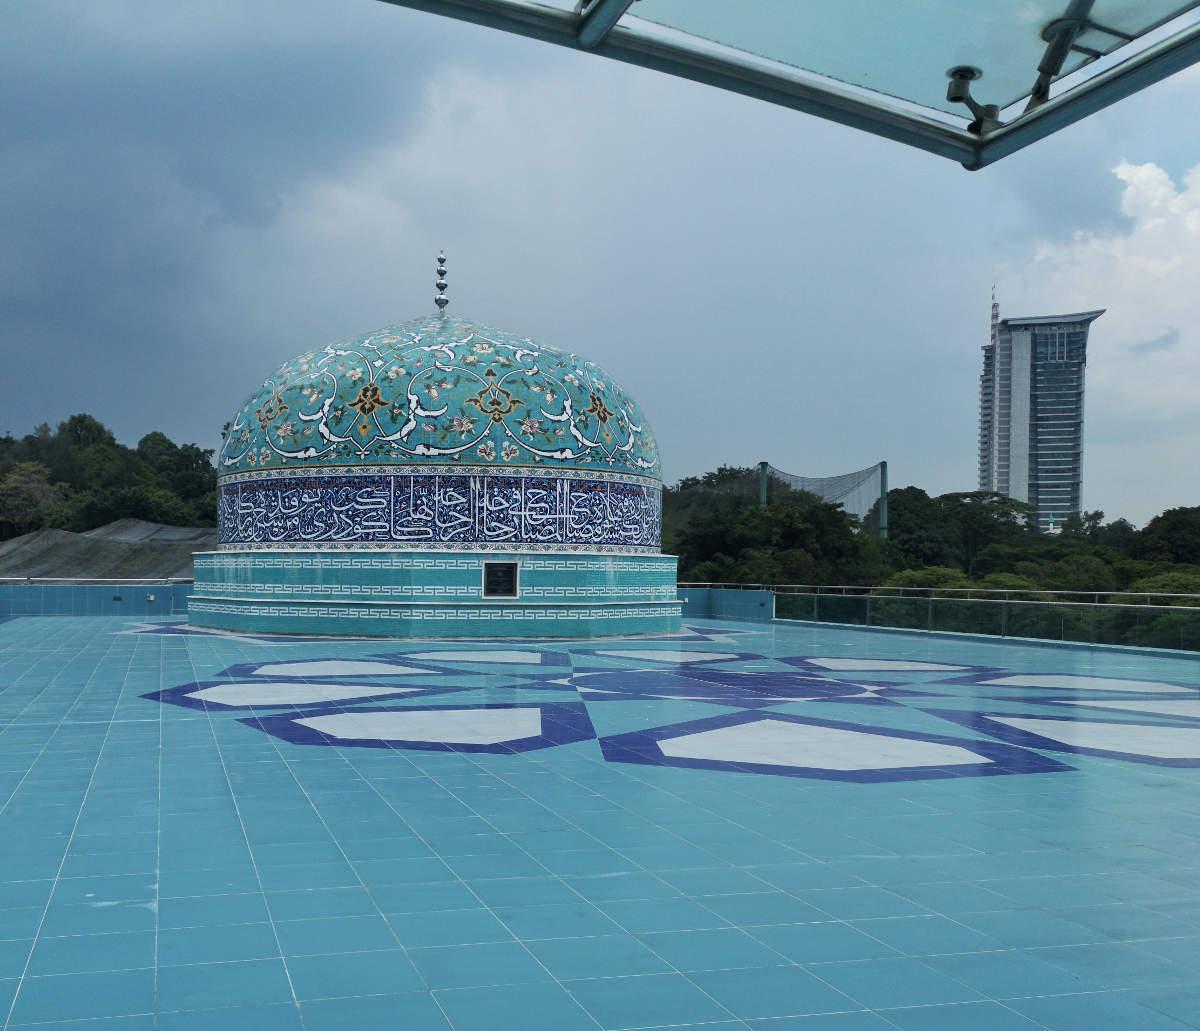 Die leider geschlossene Dachterrasse auf dem Islamic Arts Museum in Kuala Lumpur bietet diesen tollen Anblick. Wanderhunger